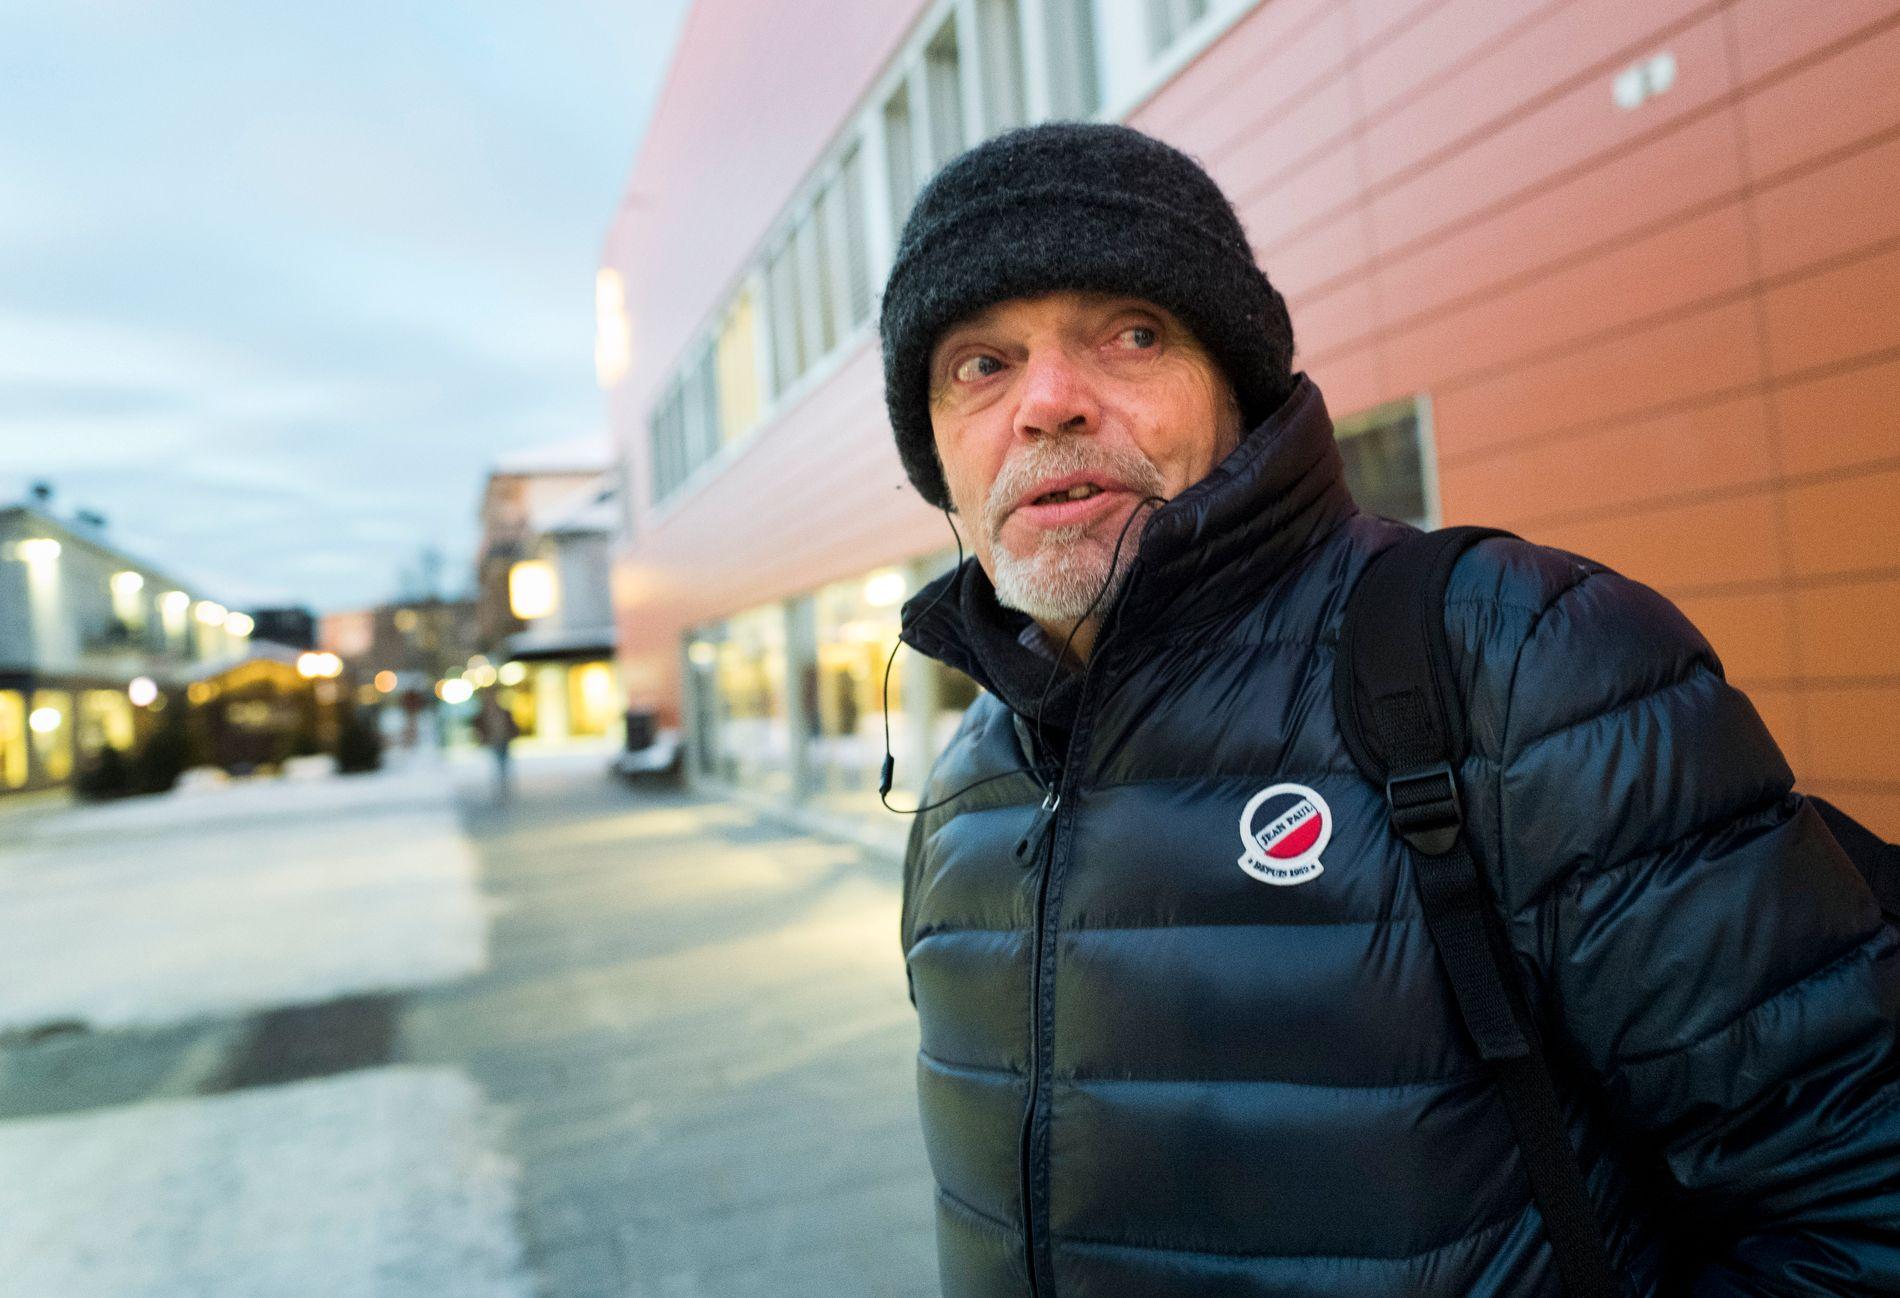 HÅPEFULL: Svein Andersen (65) synes det ville være veldig trist, særlig for familie, dersom forsvinningen ikke oppklares.